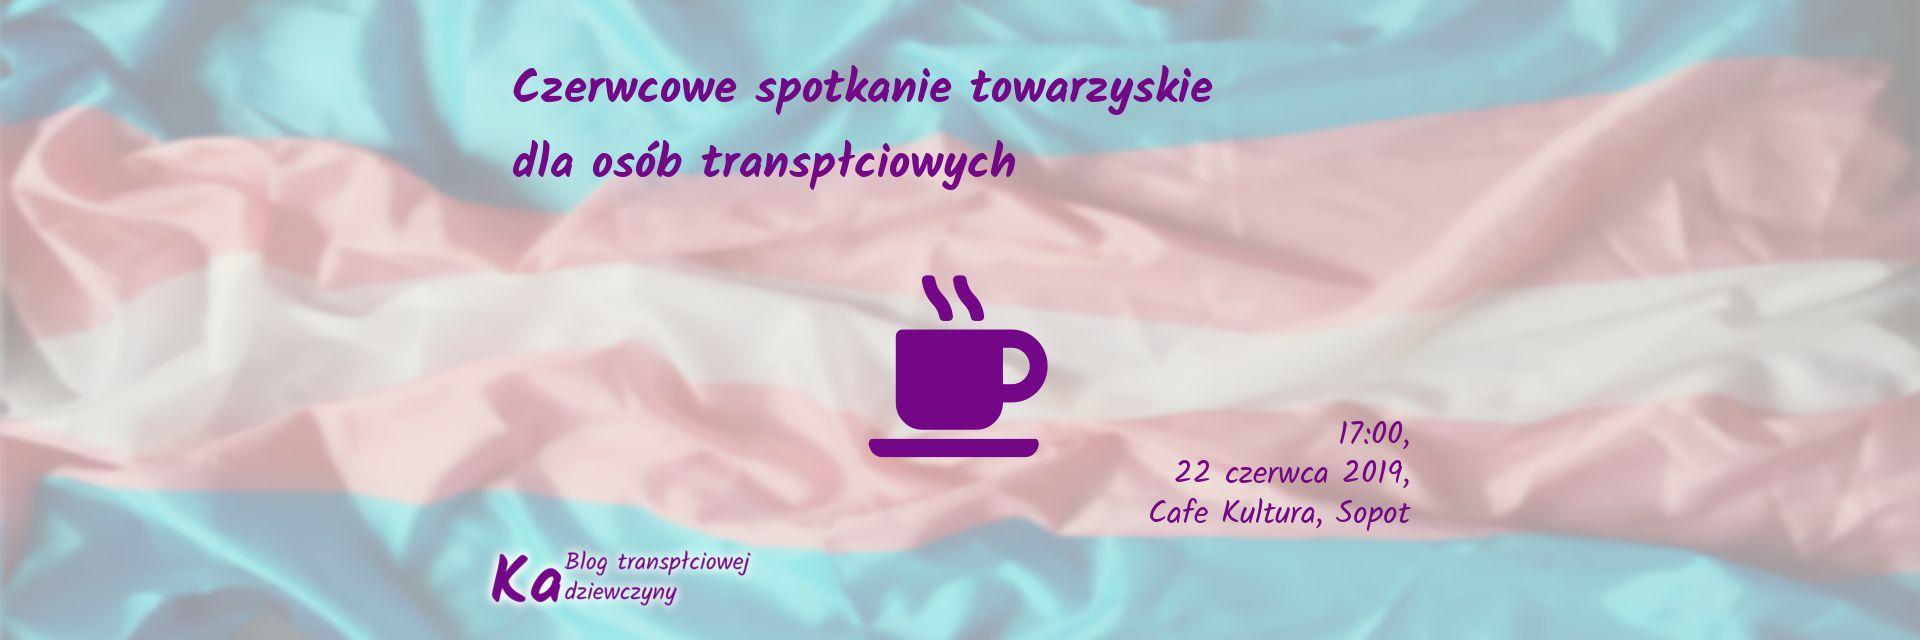 Czerwcowe spotkanie towarzyskie dla osób transpłciowych, Sopot, Cafe Kultura